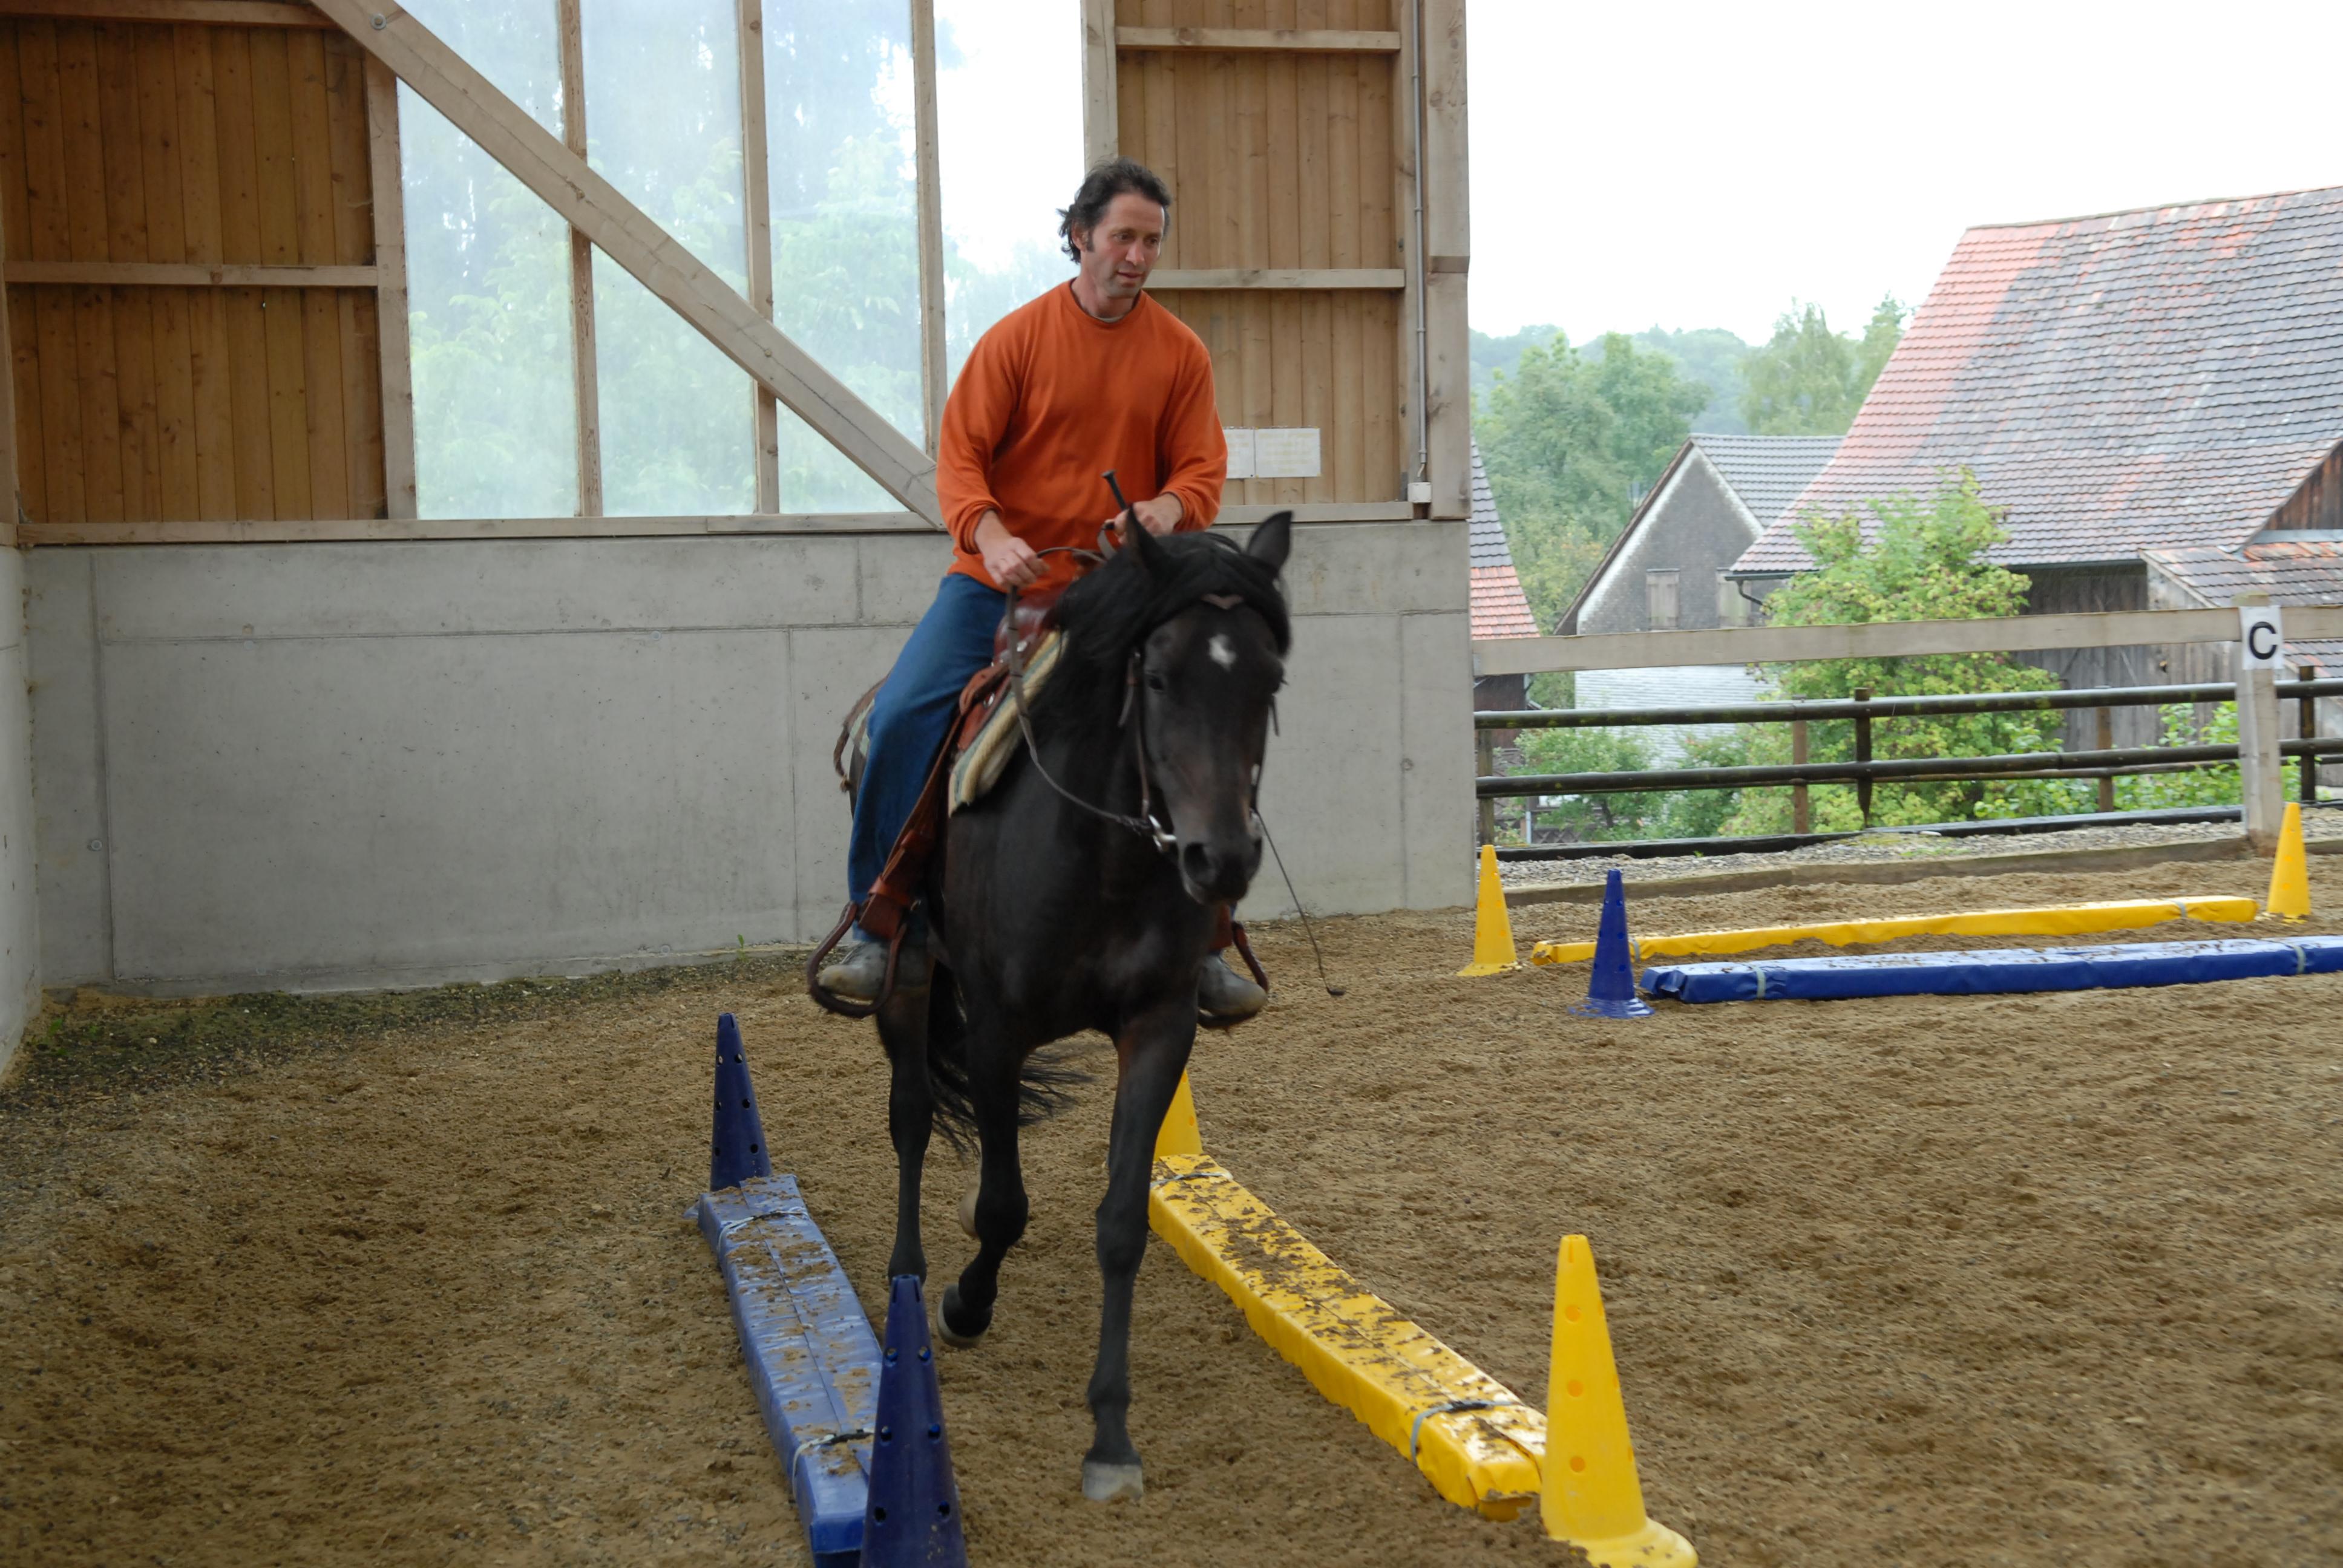 Tolle Assistent Pferdetrainer Lebenslauf Fotos - Beispiel Business ...